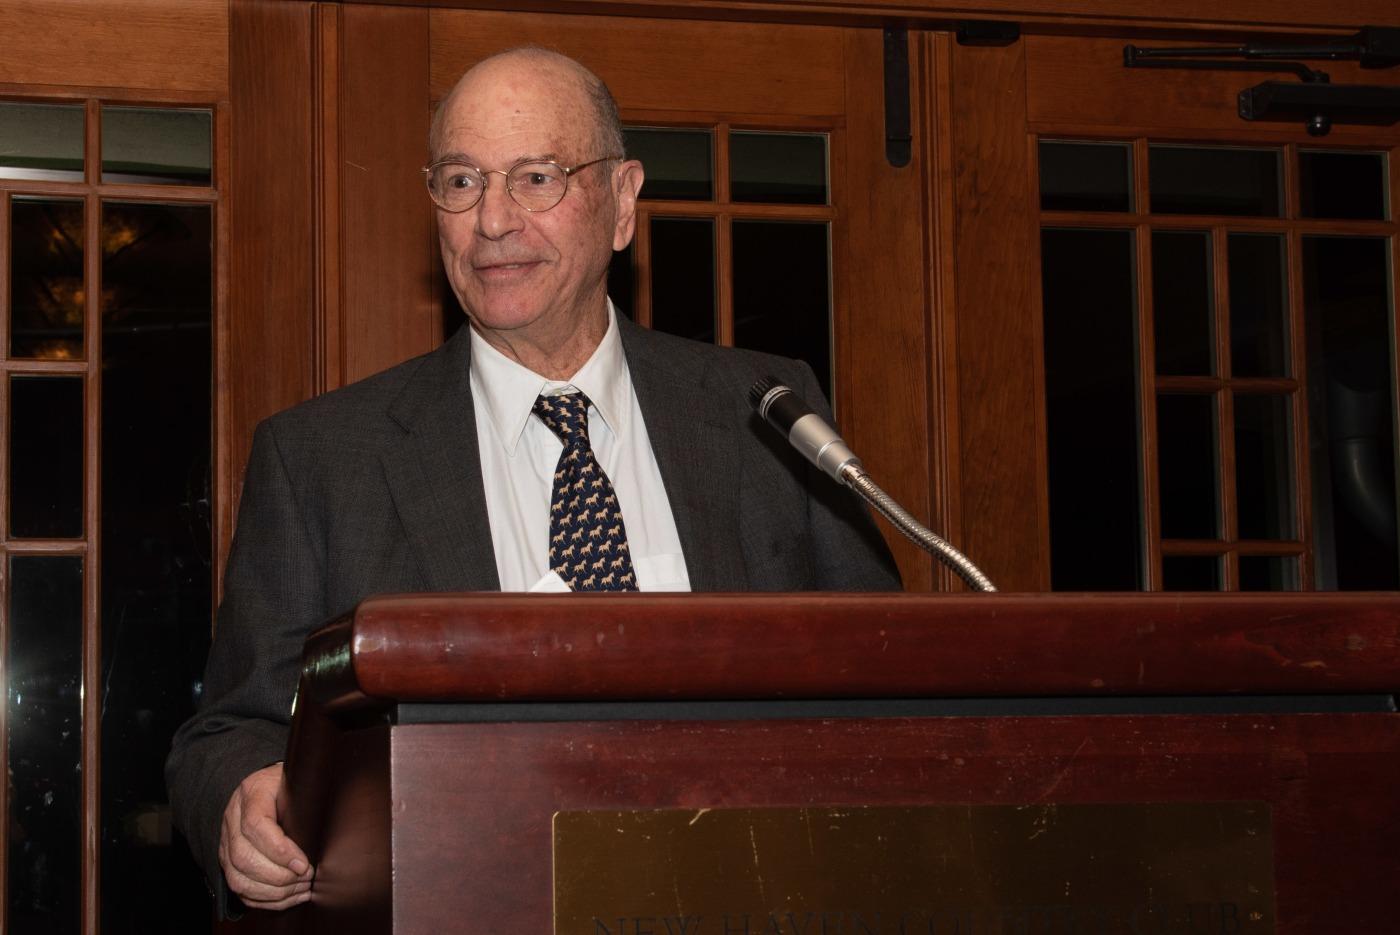 Dr. George Miller accepts the Lifetime Achievement Award